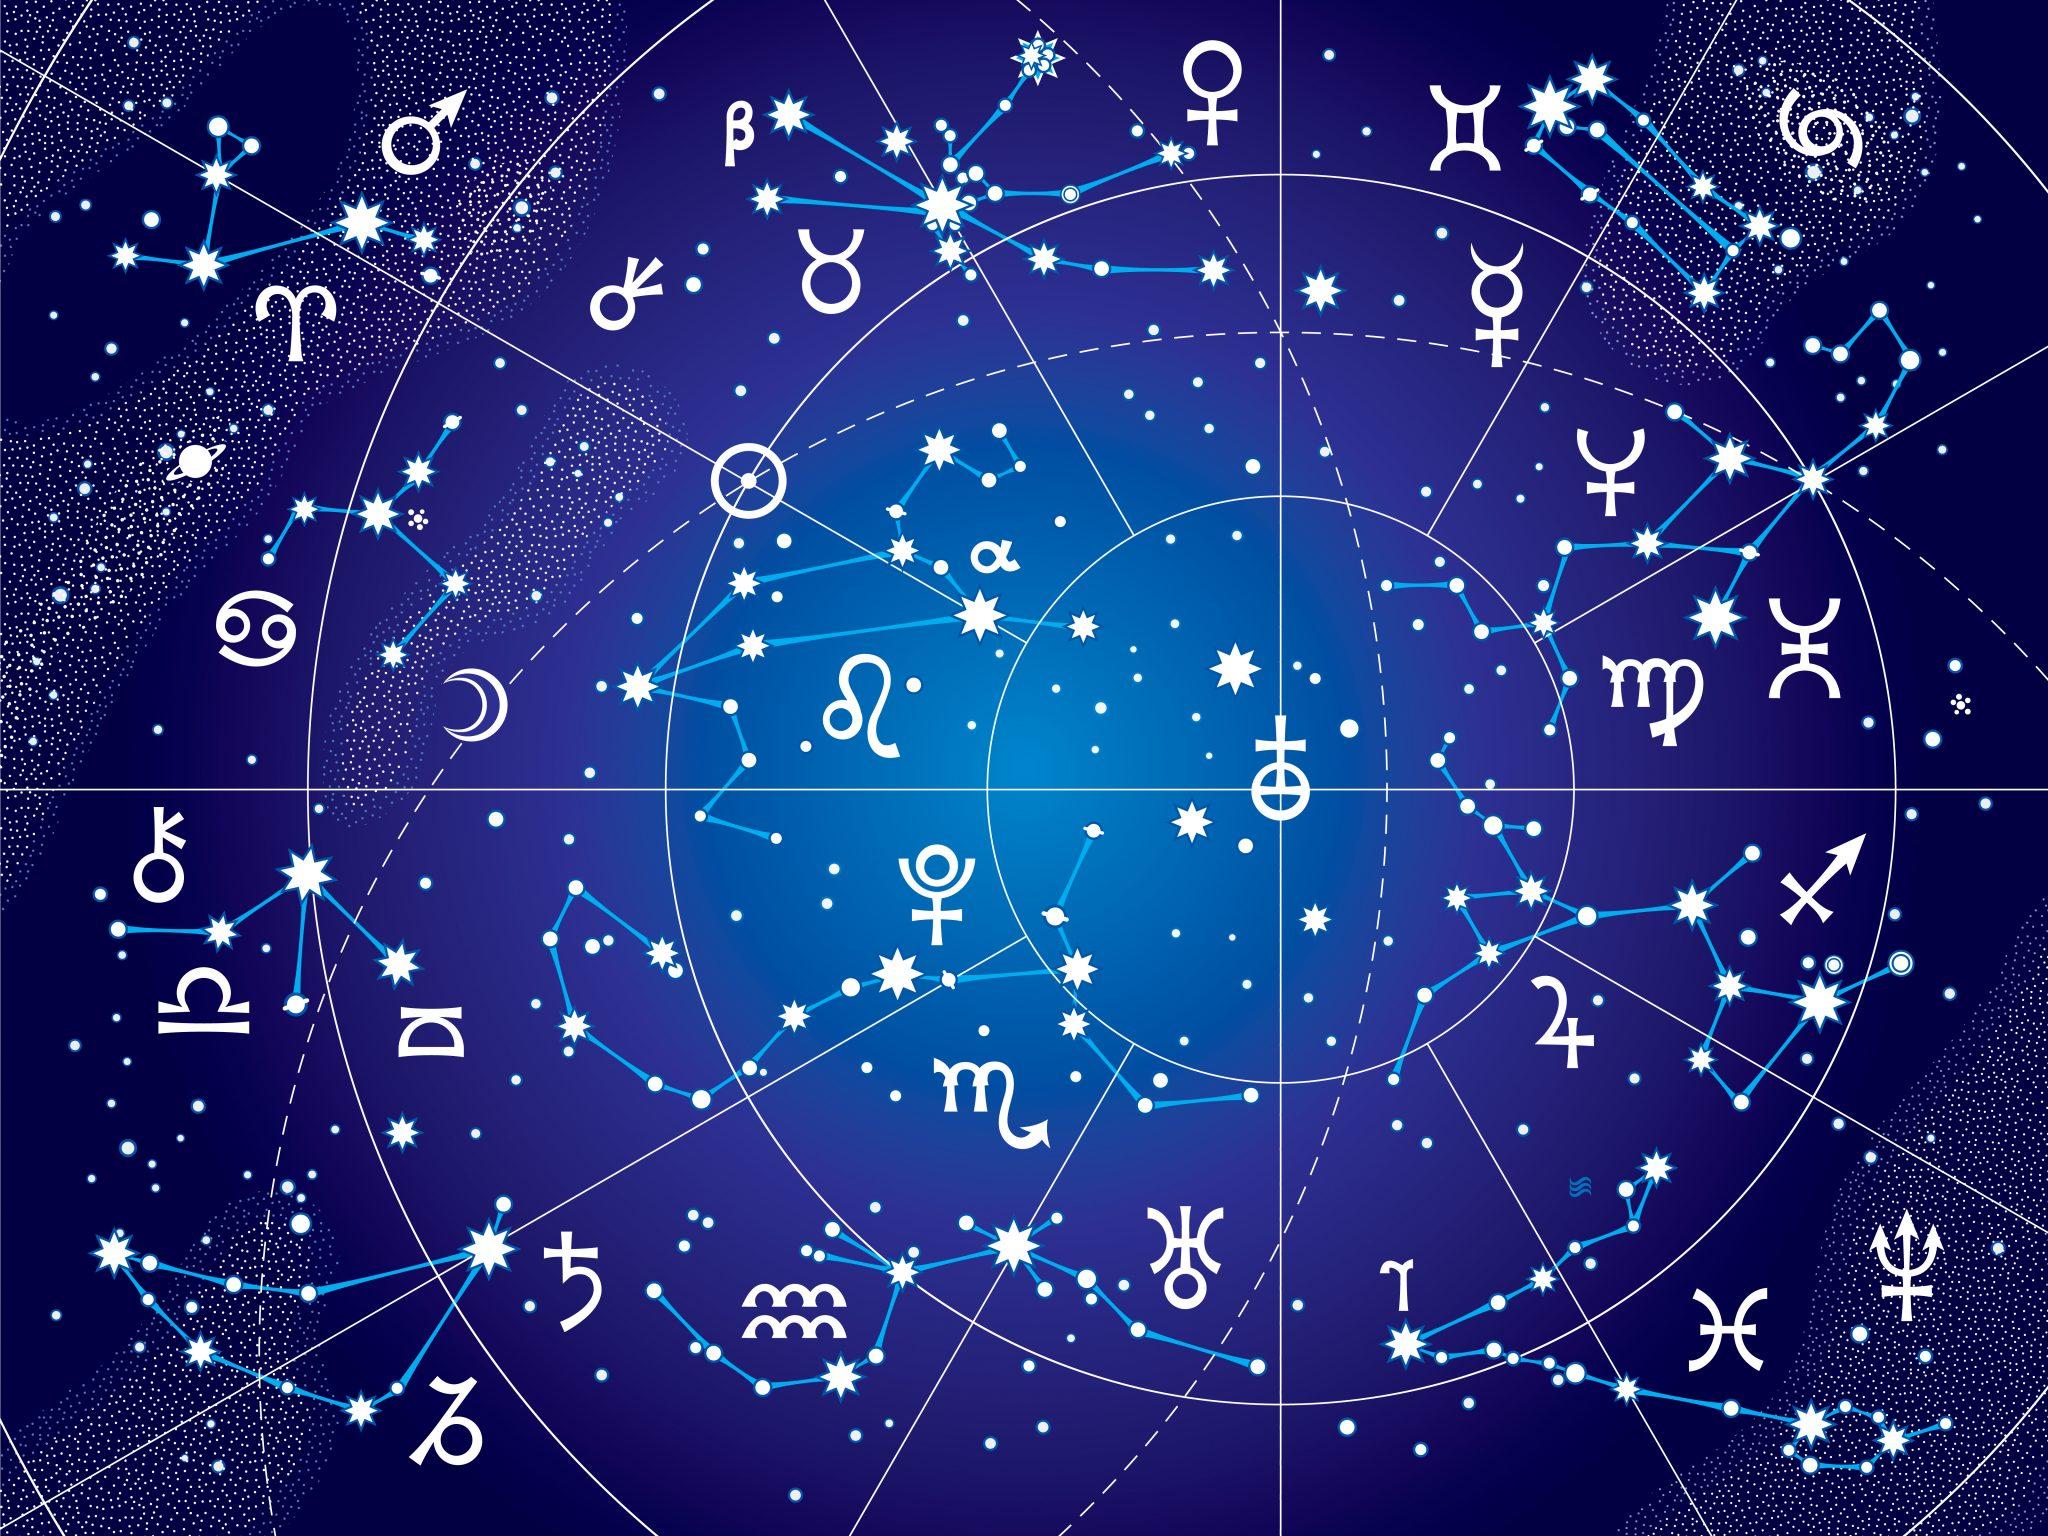 Site- ul de compatibilitate astrologica